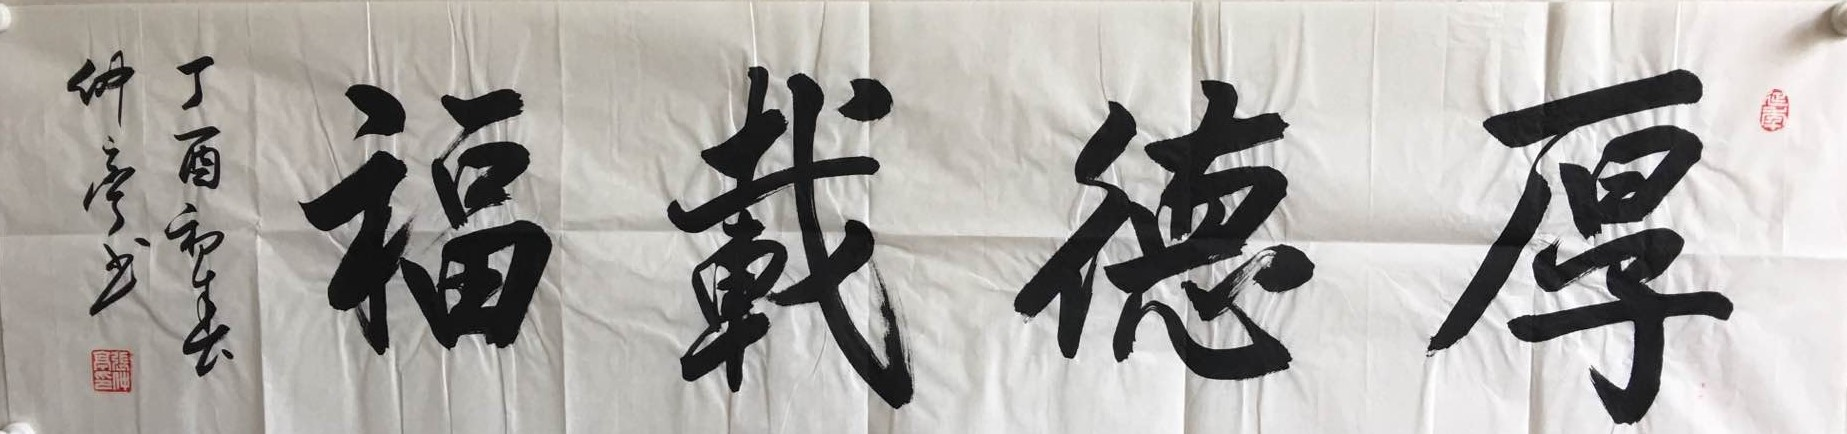 011 张仲亭